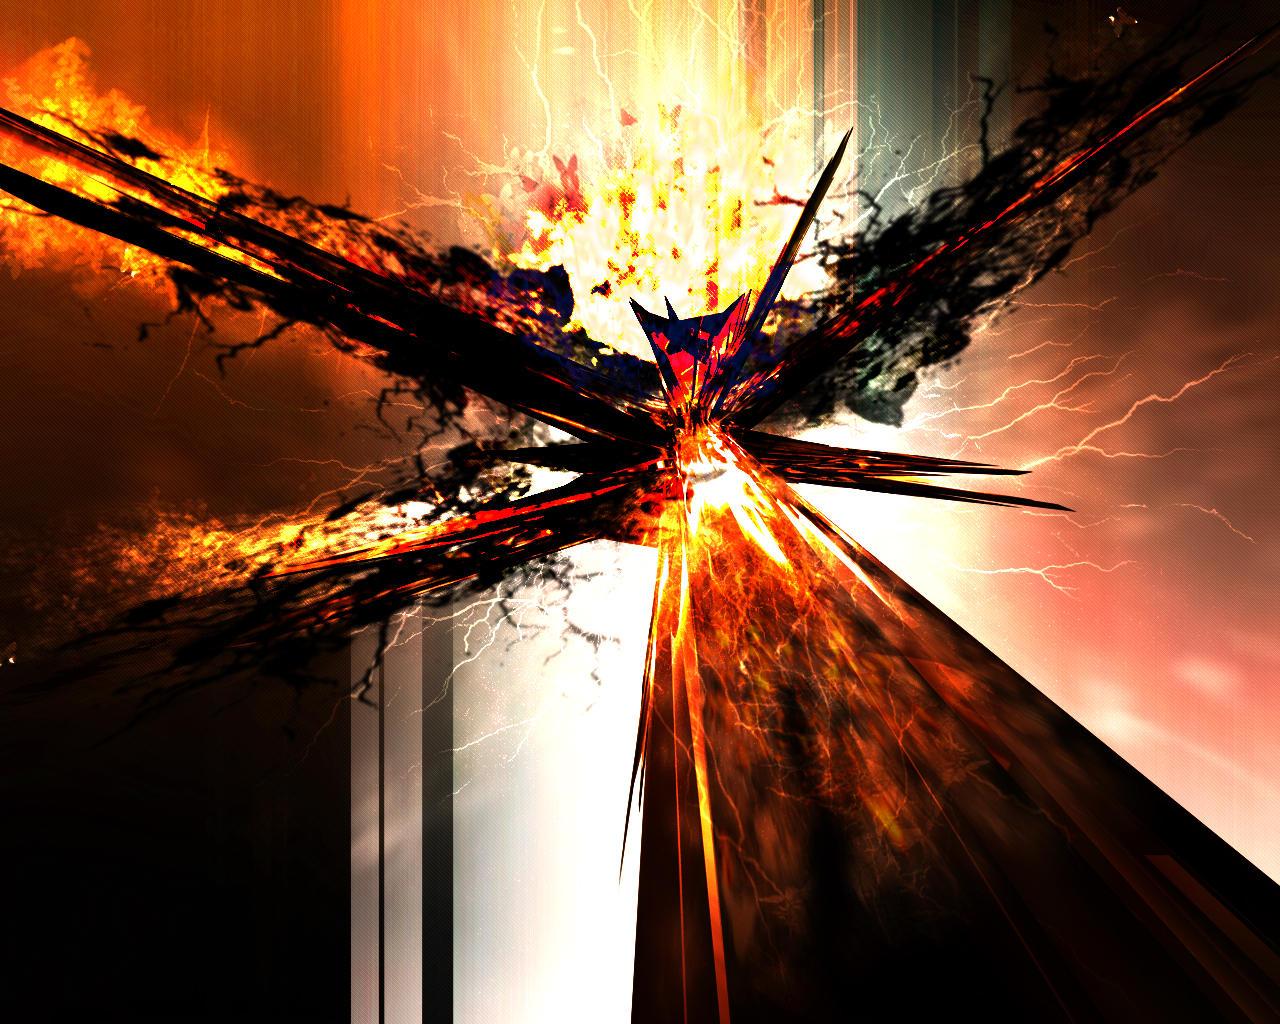 everame by DarkAngel012